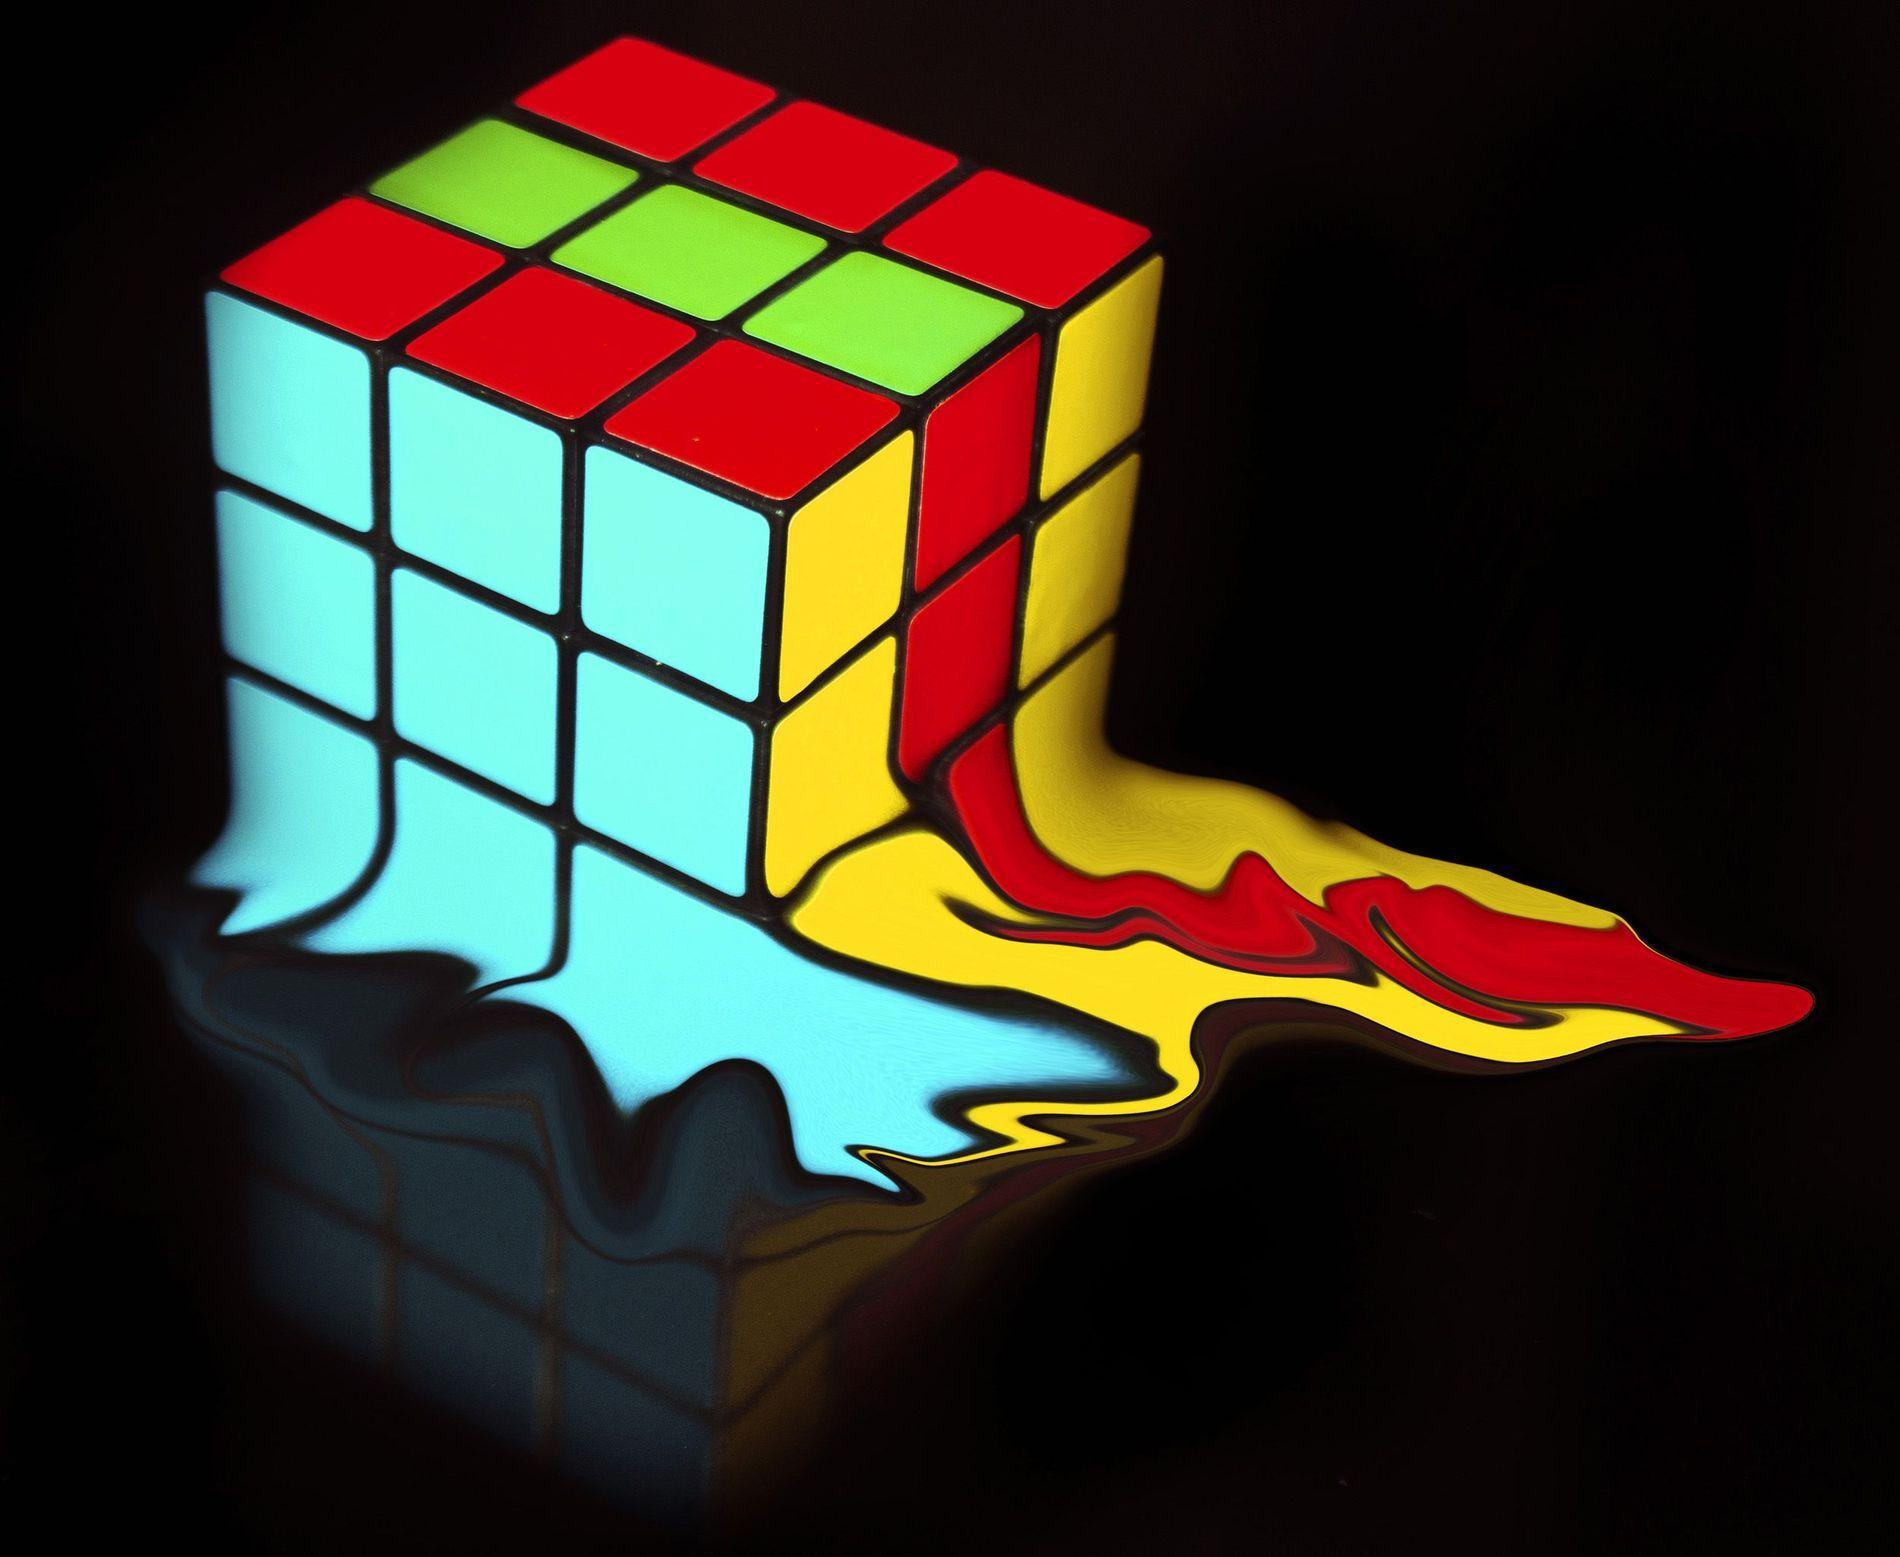 Melting Cube By Dawn Gelderblom